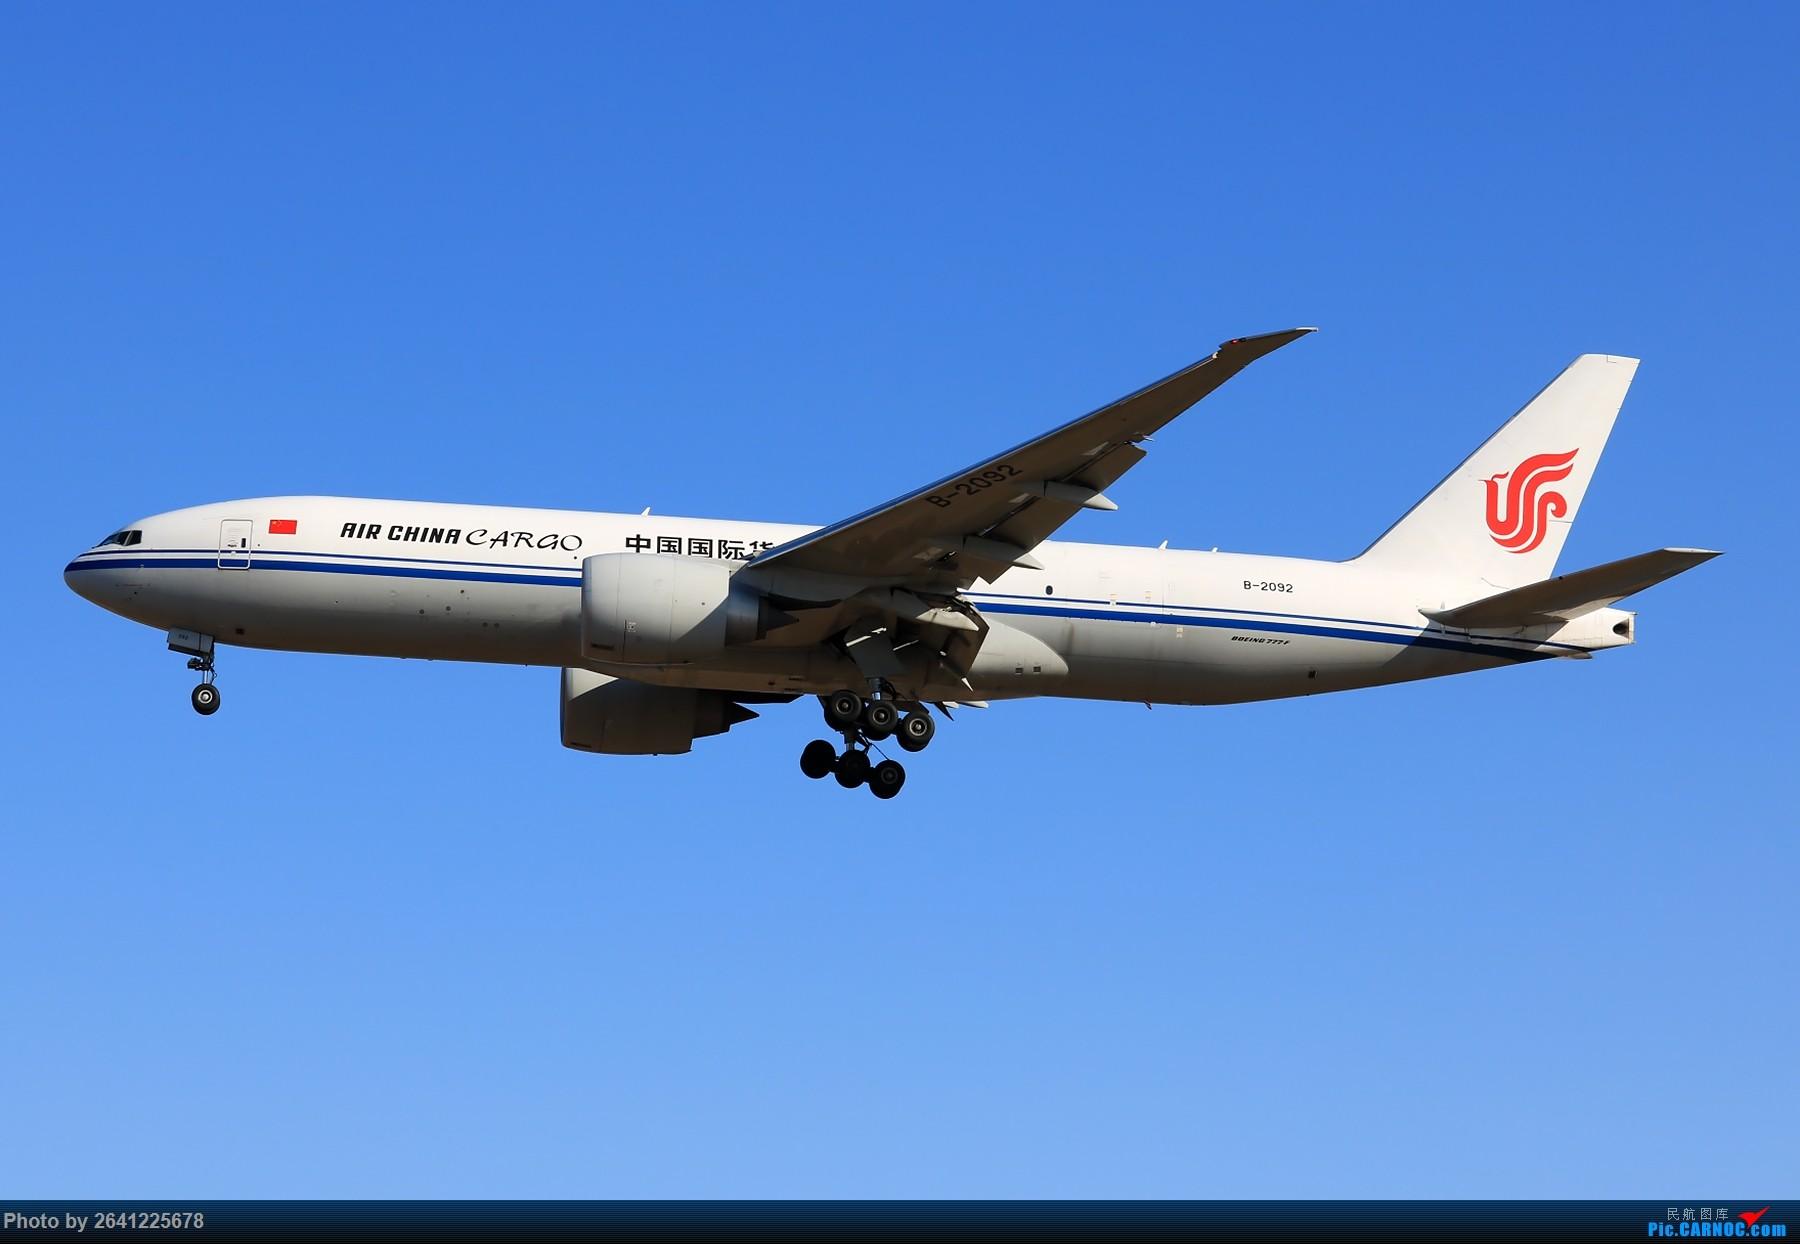 Re:[原创]【PEK】六七级北风吹走了雾霾,吹不走拍机的热情!1800*1200/1920*1280一组 图片略多,慢慢发 BOEING 777-200 B-2092 中国北京首都国际机场